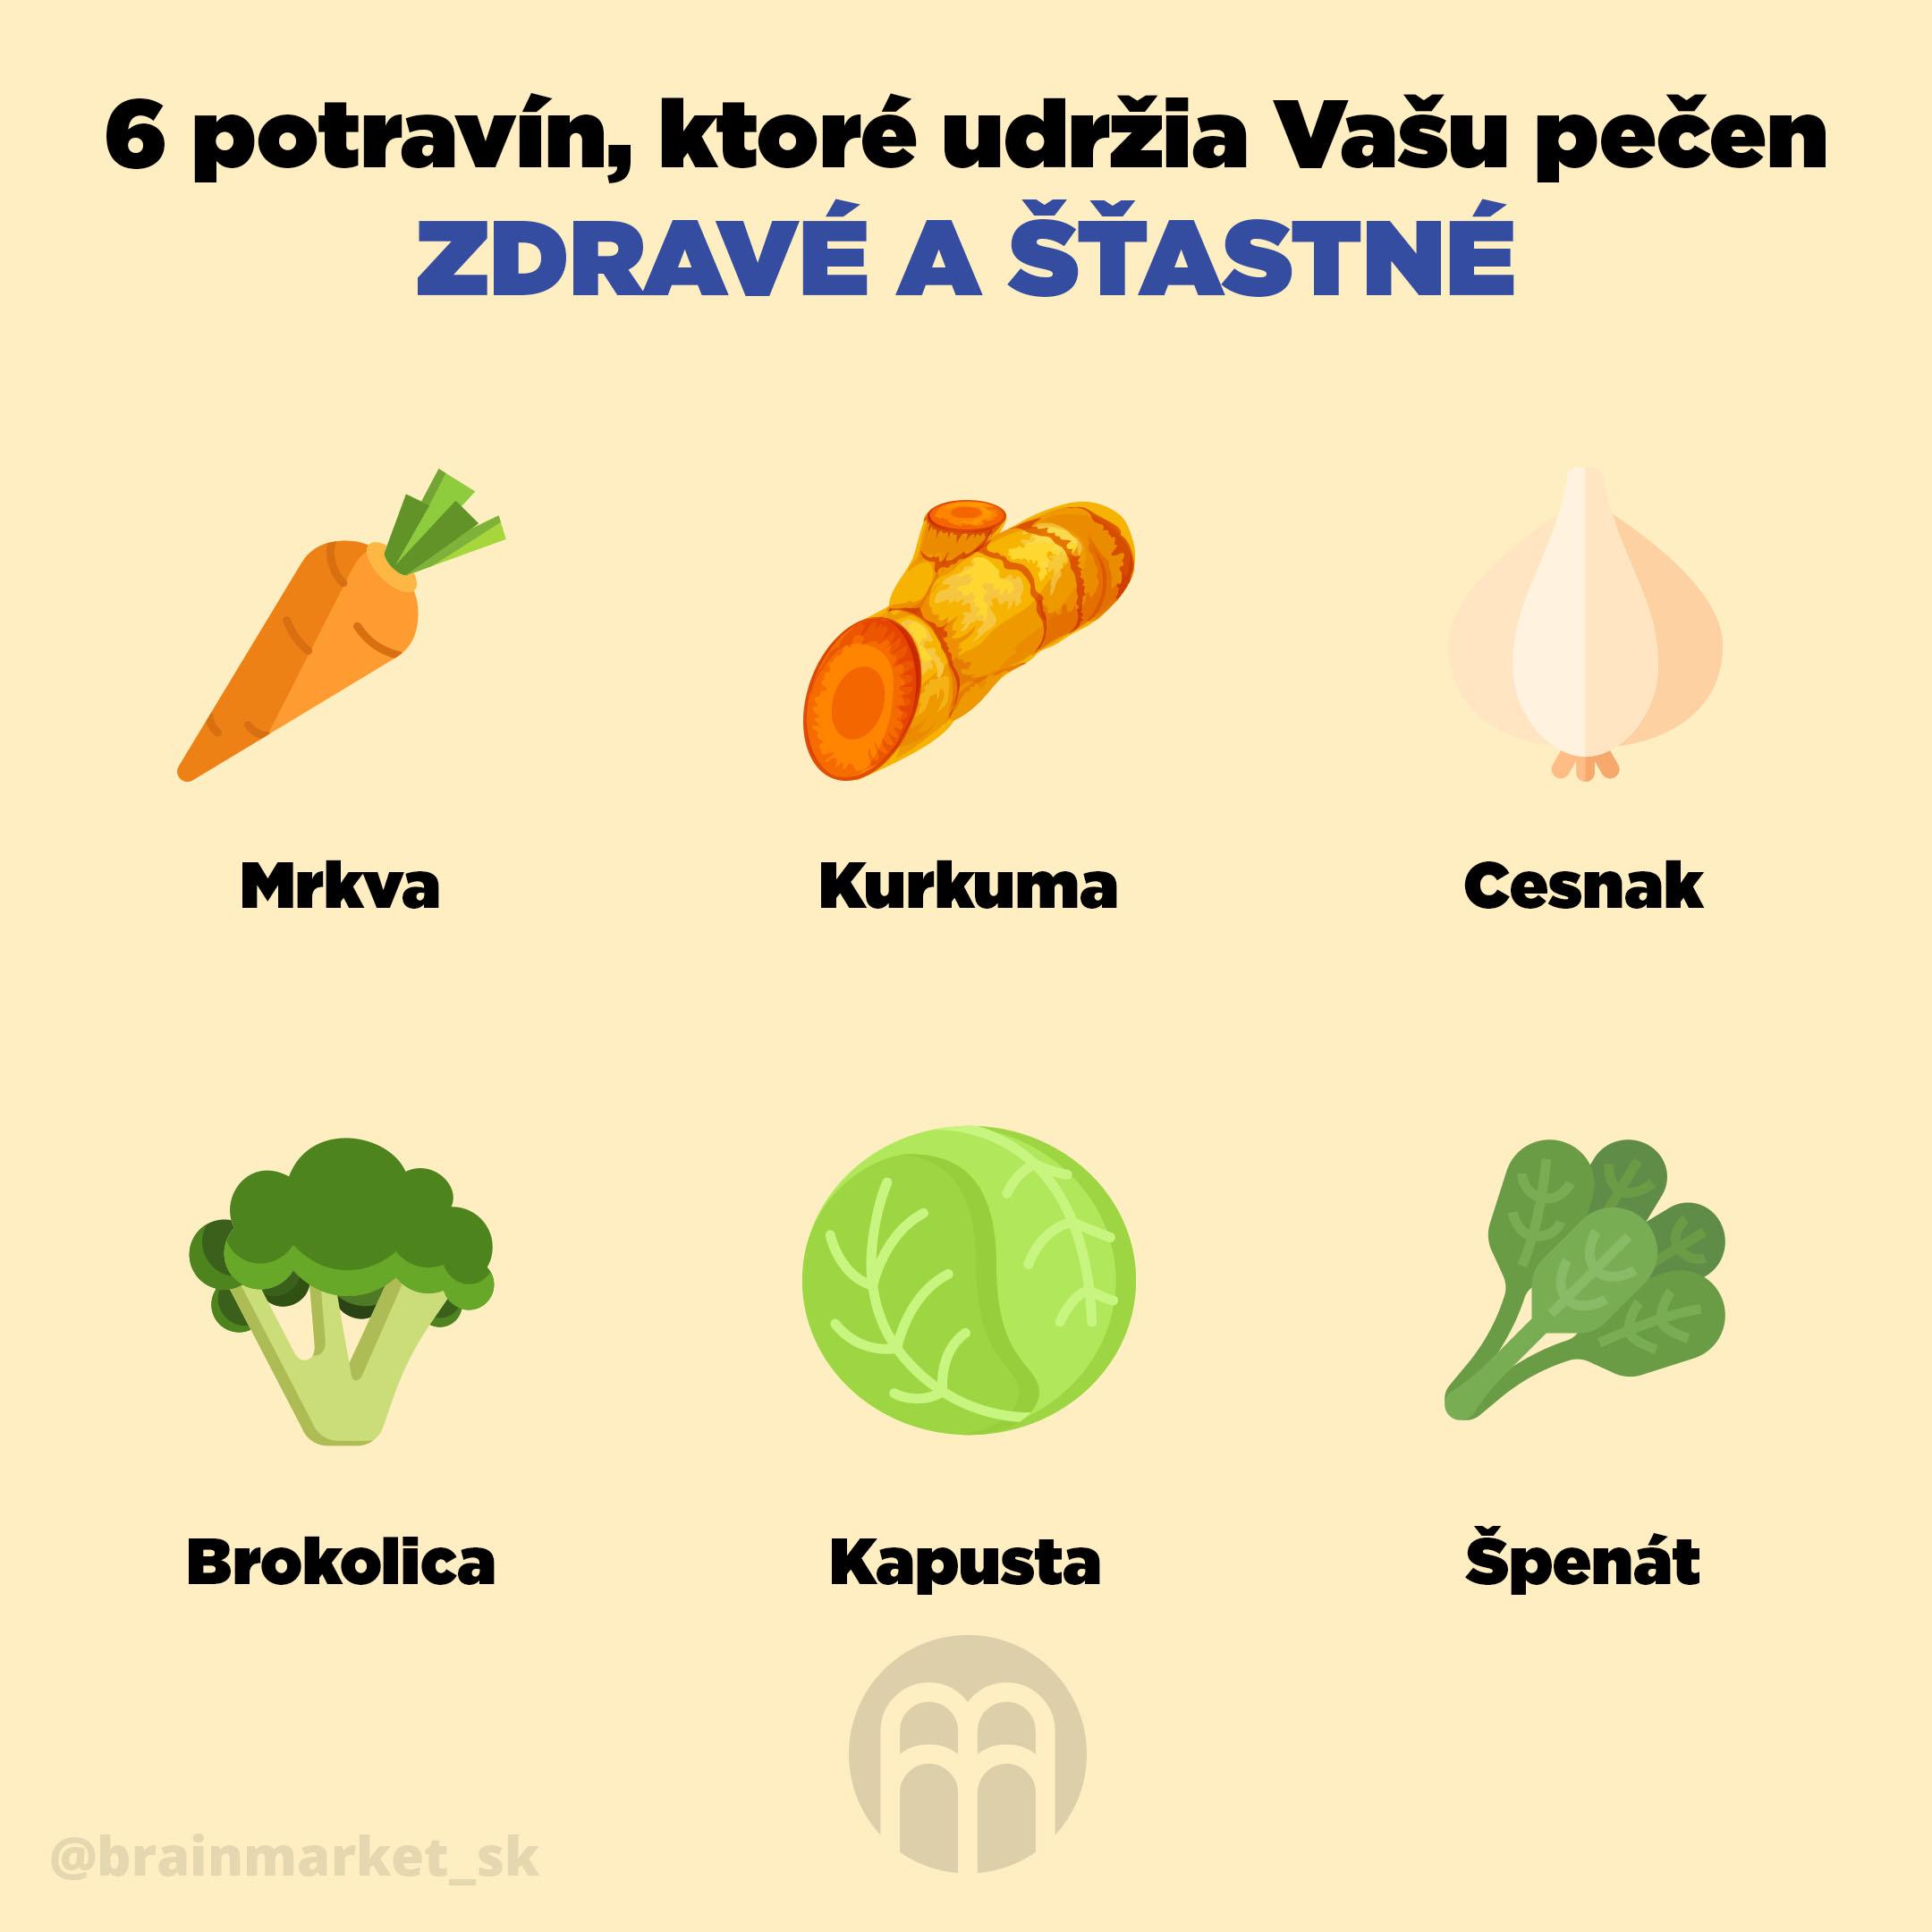 jatra_zdrave_a_stastne_SK_Infografika_Instagram_BrainMarket